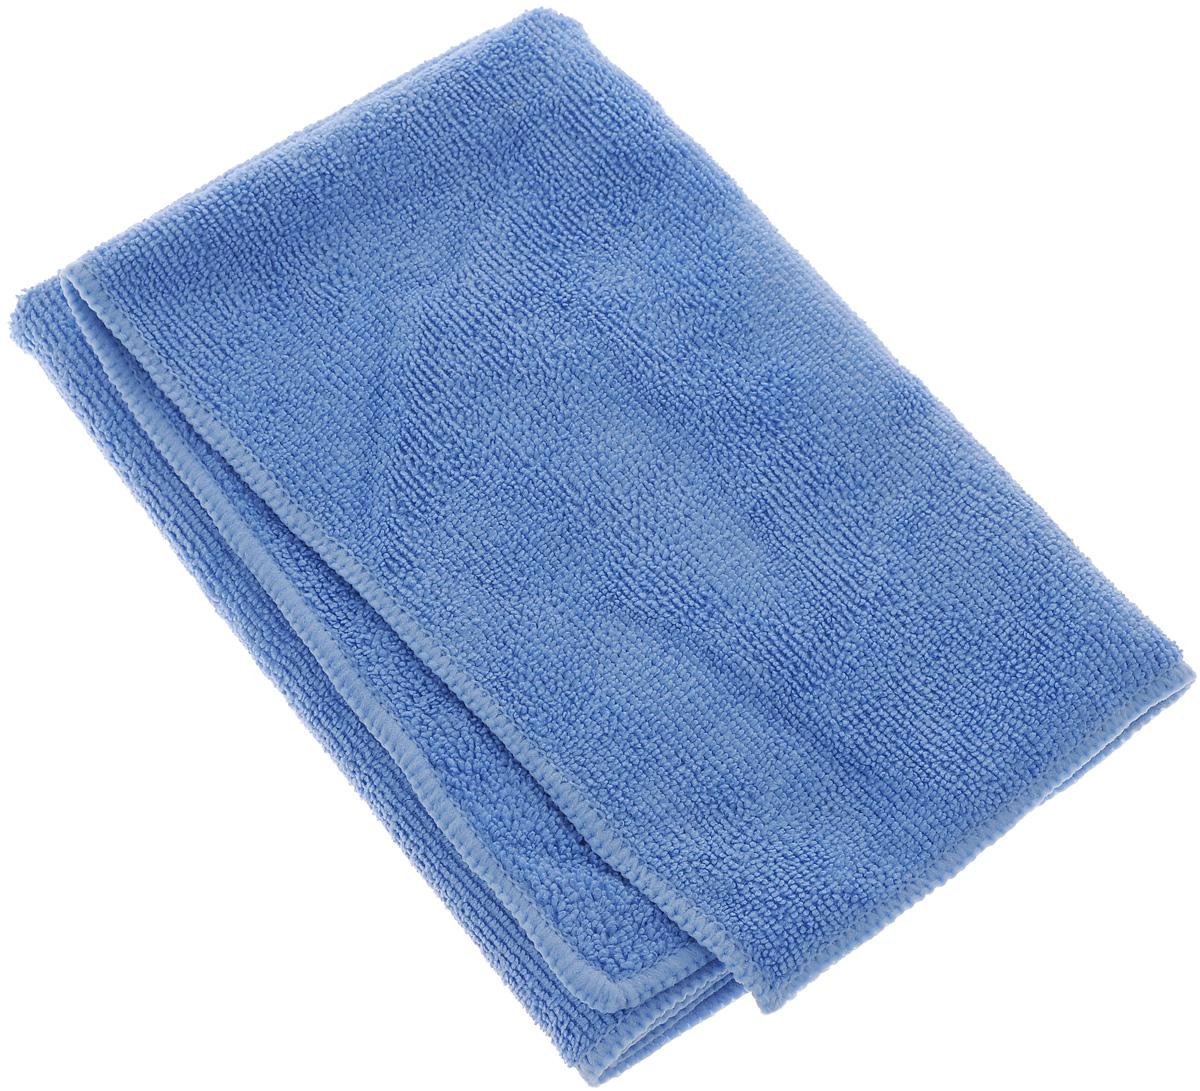 Салфетка для ухода за автомобилем Pingo, цвет: синий, 40 x 40 см5745_синийСалфетка Pingo идеально подходит для полировки кузова автомобиля, для чистки лобового стекла, пластика и хрома, обивки сидений и кузова автомобиля, для влажной и сухой уборки. Махровая салфетка из микрофибры (полиэстер, полиамид) отлично впитывает влагу, быстро и эффективно удаляет пыль и грязь без применения дополнительных чистящих средств. Сильно загрязненную салфетку промыть в теплой воде. При стирке не использовать отбеливатель и смягчающие средства, не гладить.